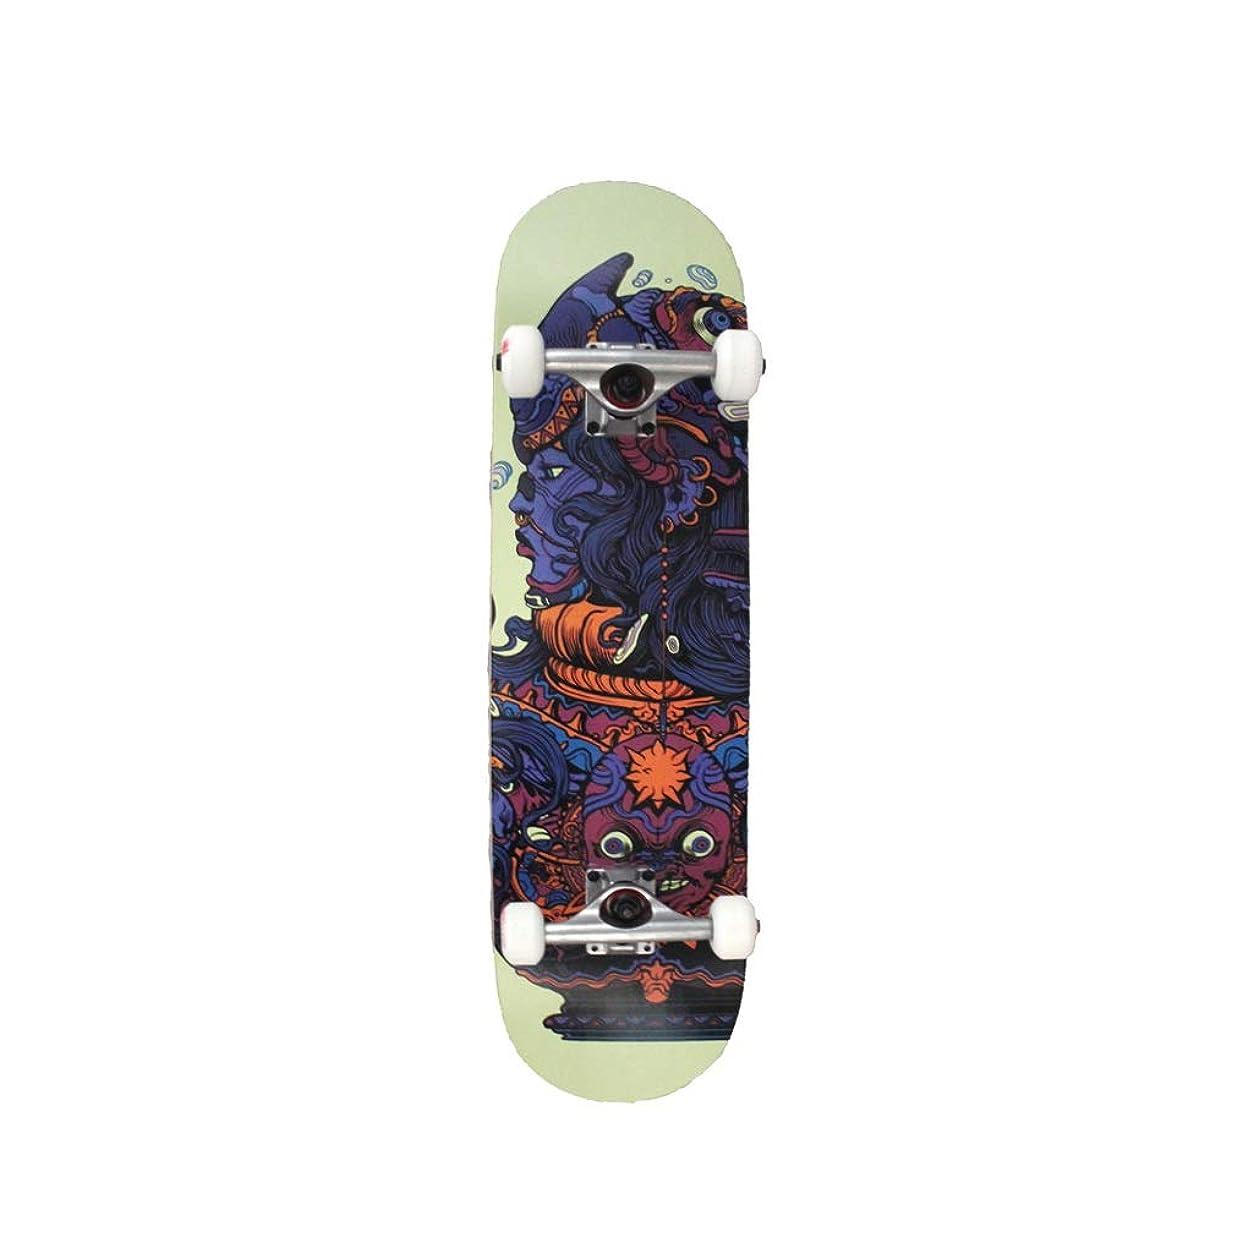 靴下性能加入LIUFS-スケートボード 完全初心者スケートボード子供男の子女の子大人のプロの競争スケートボード31.5インチ - 神の意志